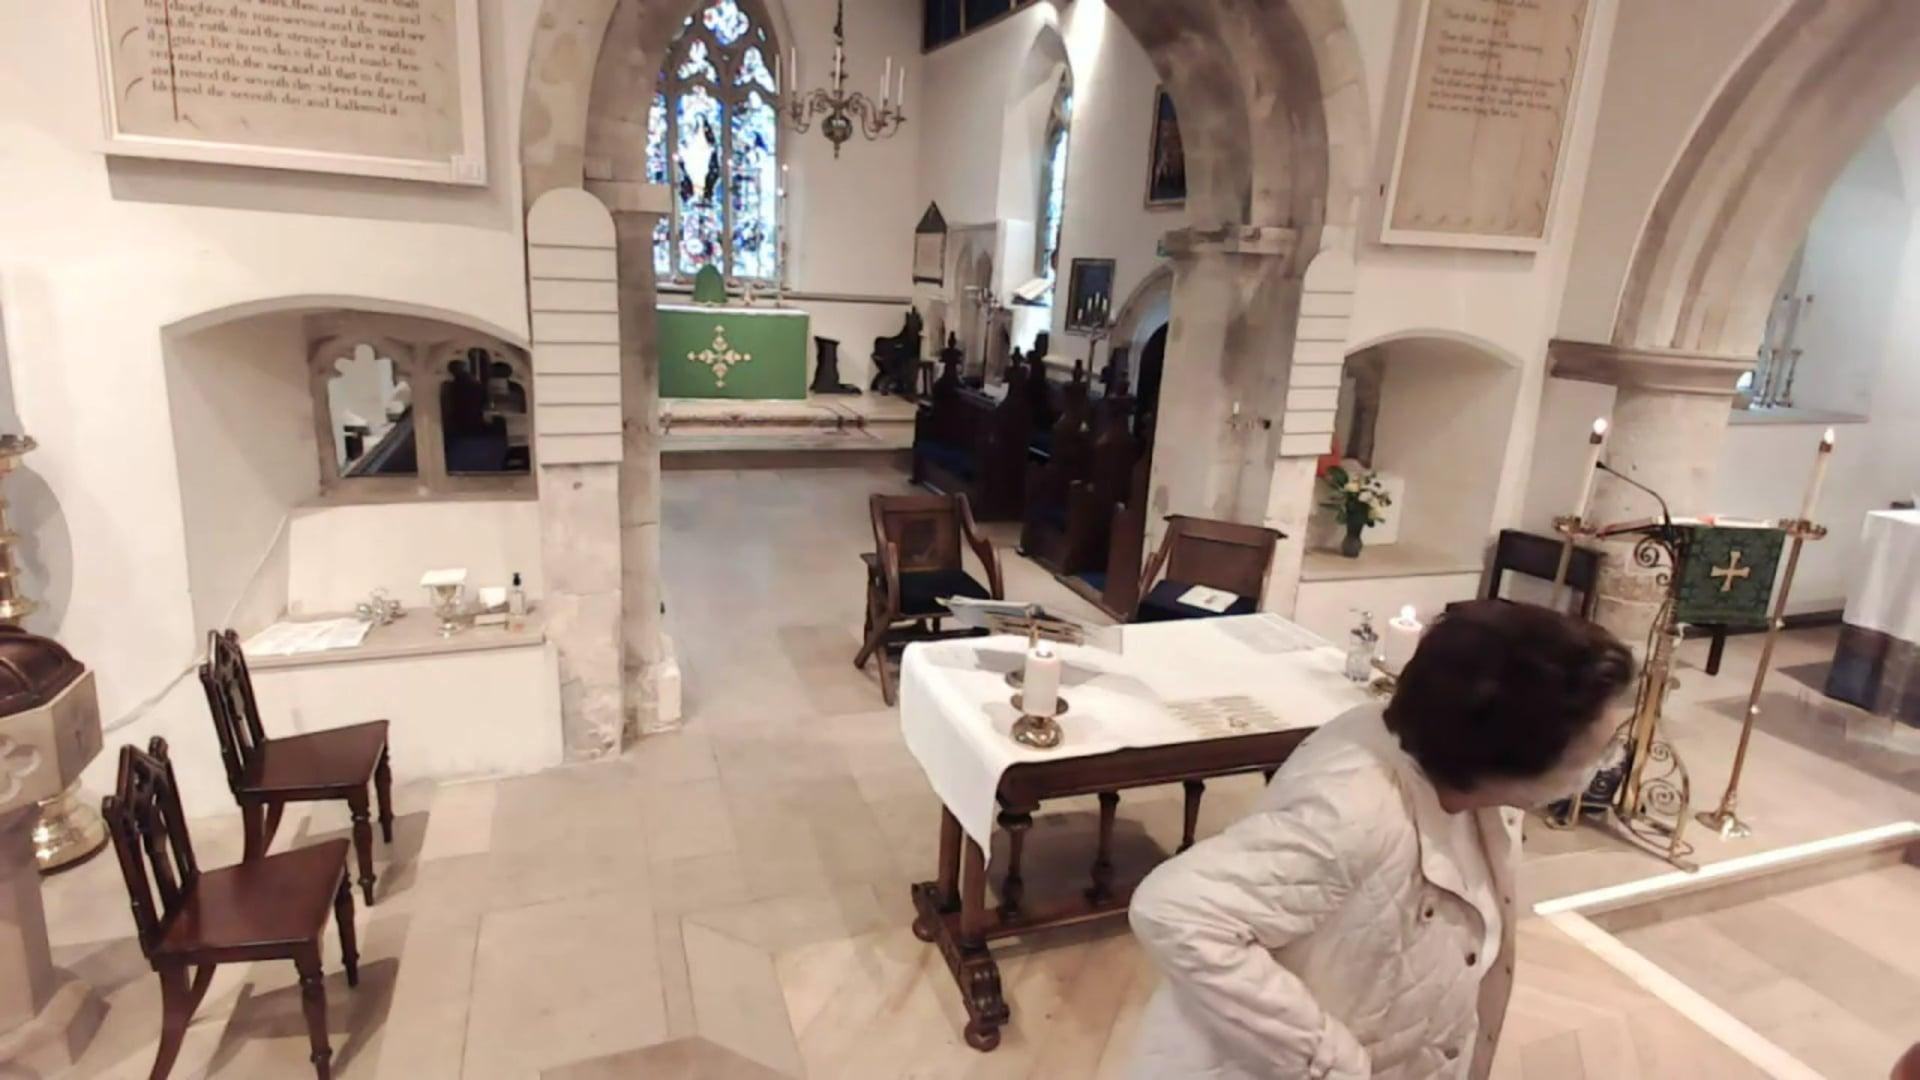 Sung Parish Eucharist